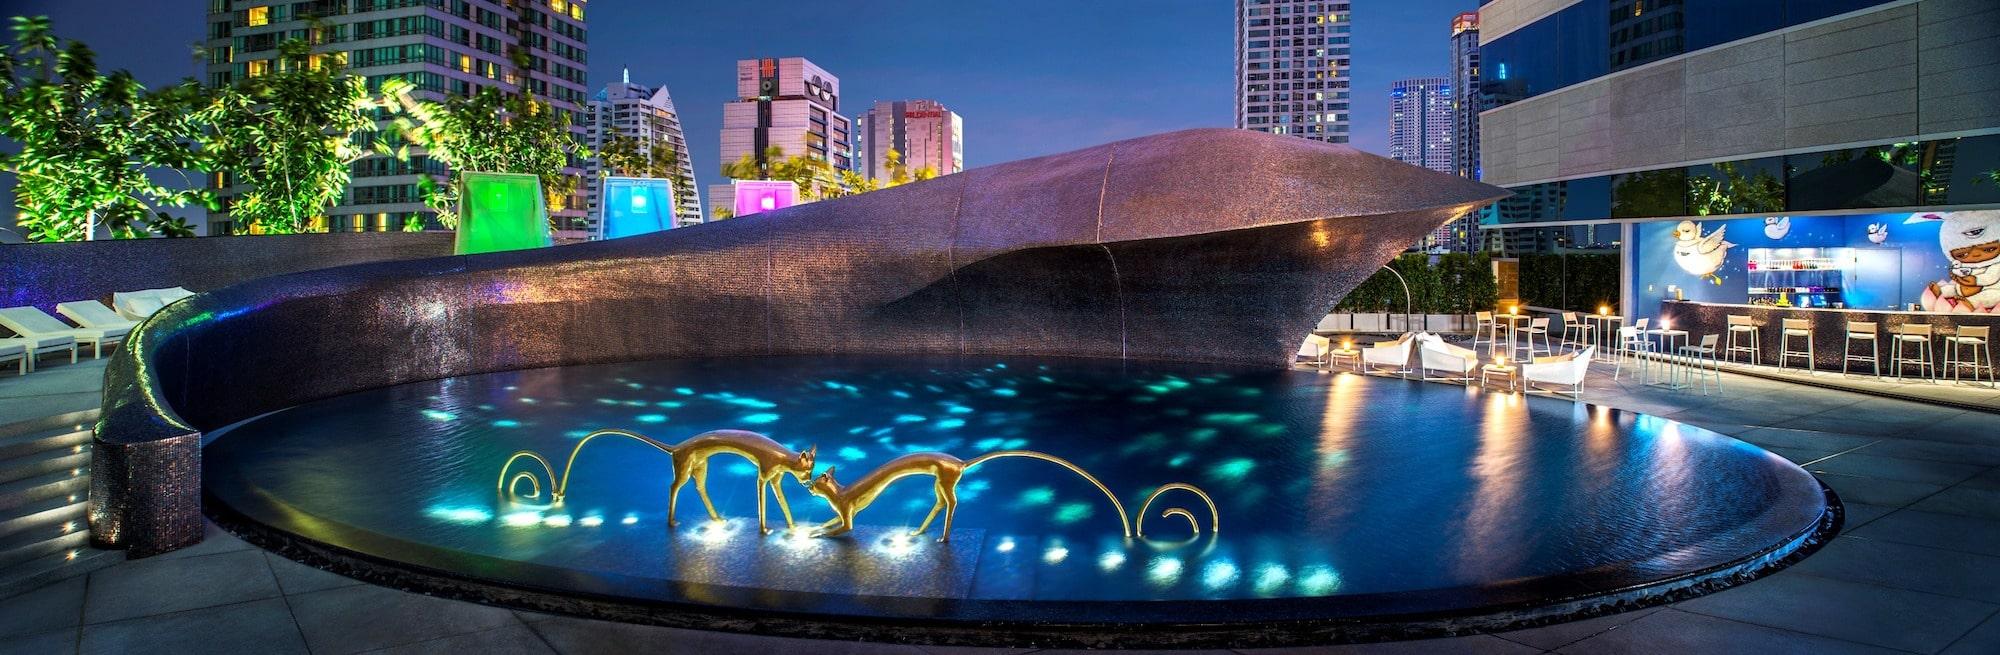 Onde ficar em bangkok w hotel dicas de viagem - Hotel bangkok piscina ...